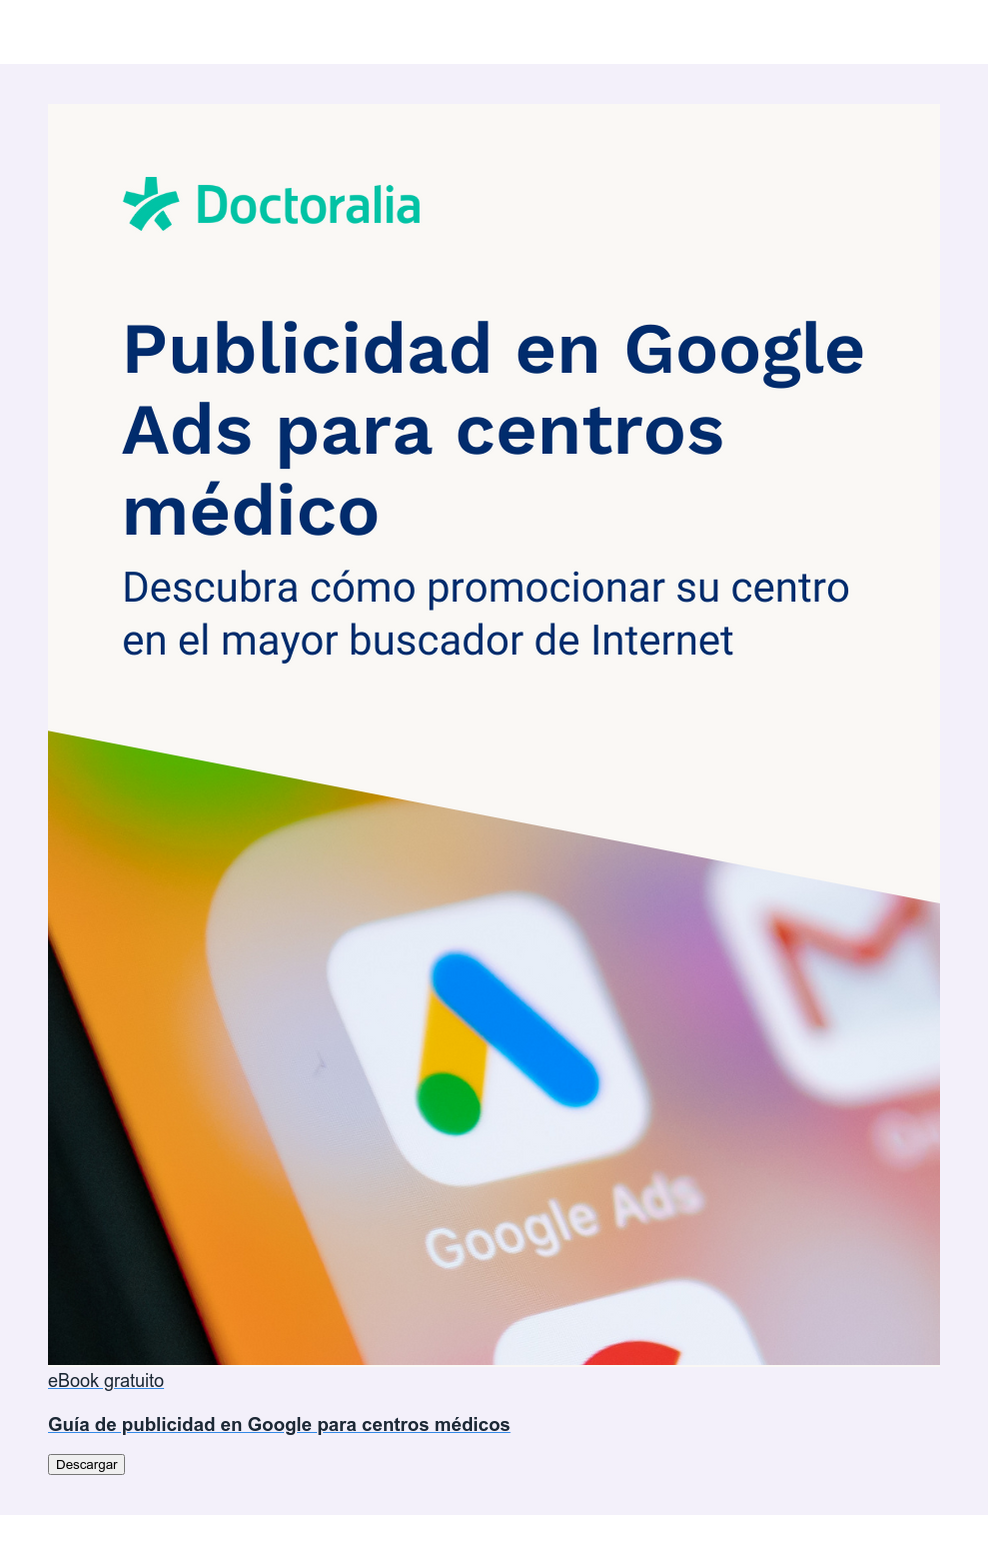 eBook gratuito  Guía de publicidad en Google para centros médicos Descargar